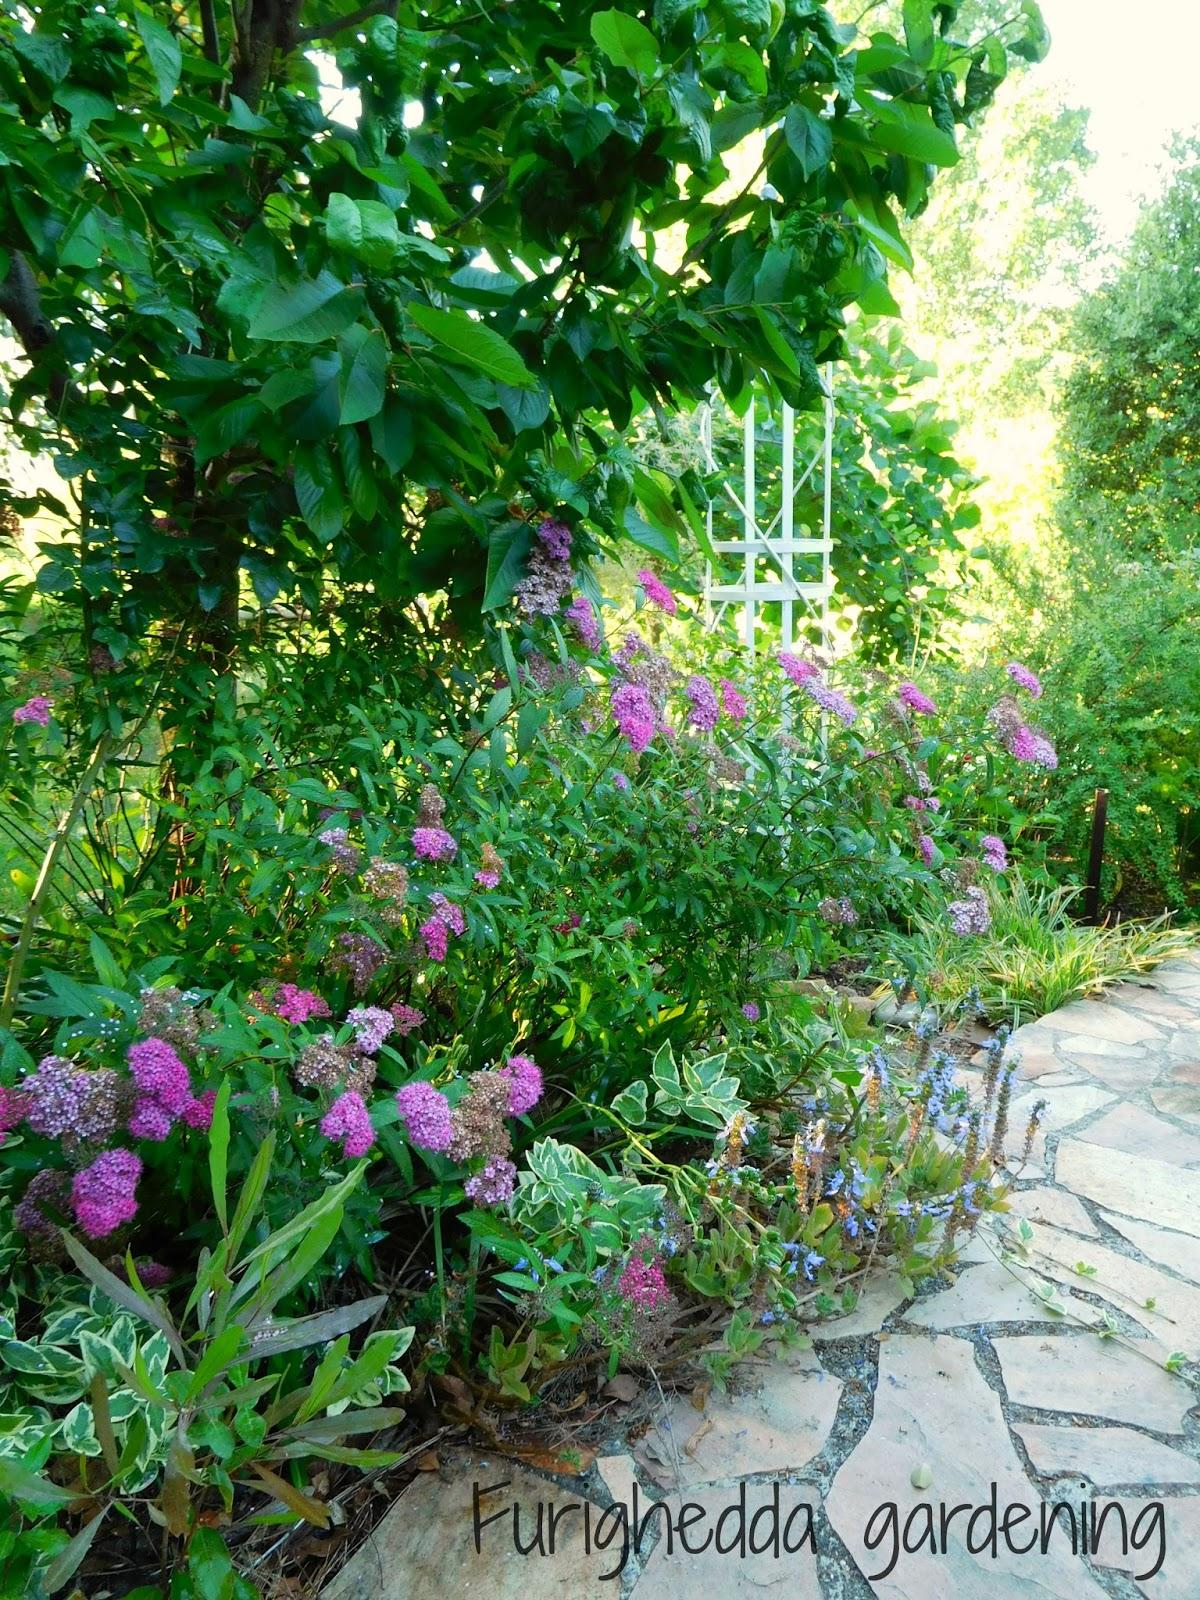 Il costo di un giardino by delia furighedda gardening for Quanto costa un impianto di irrigazione per giardino